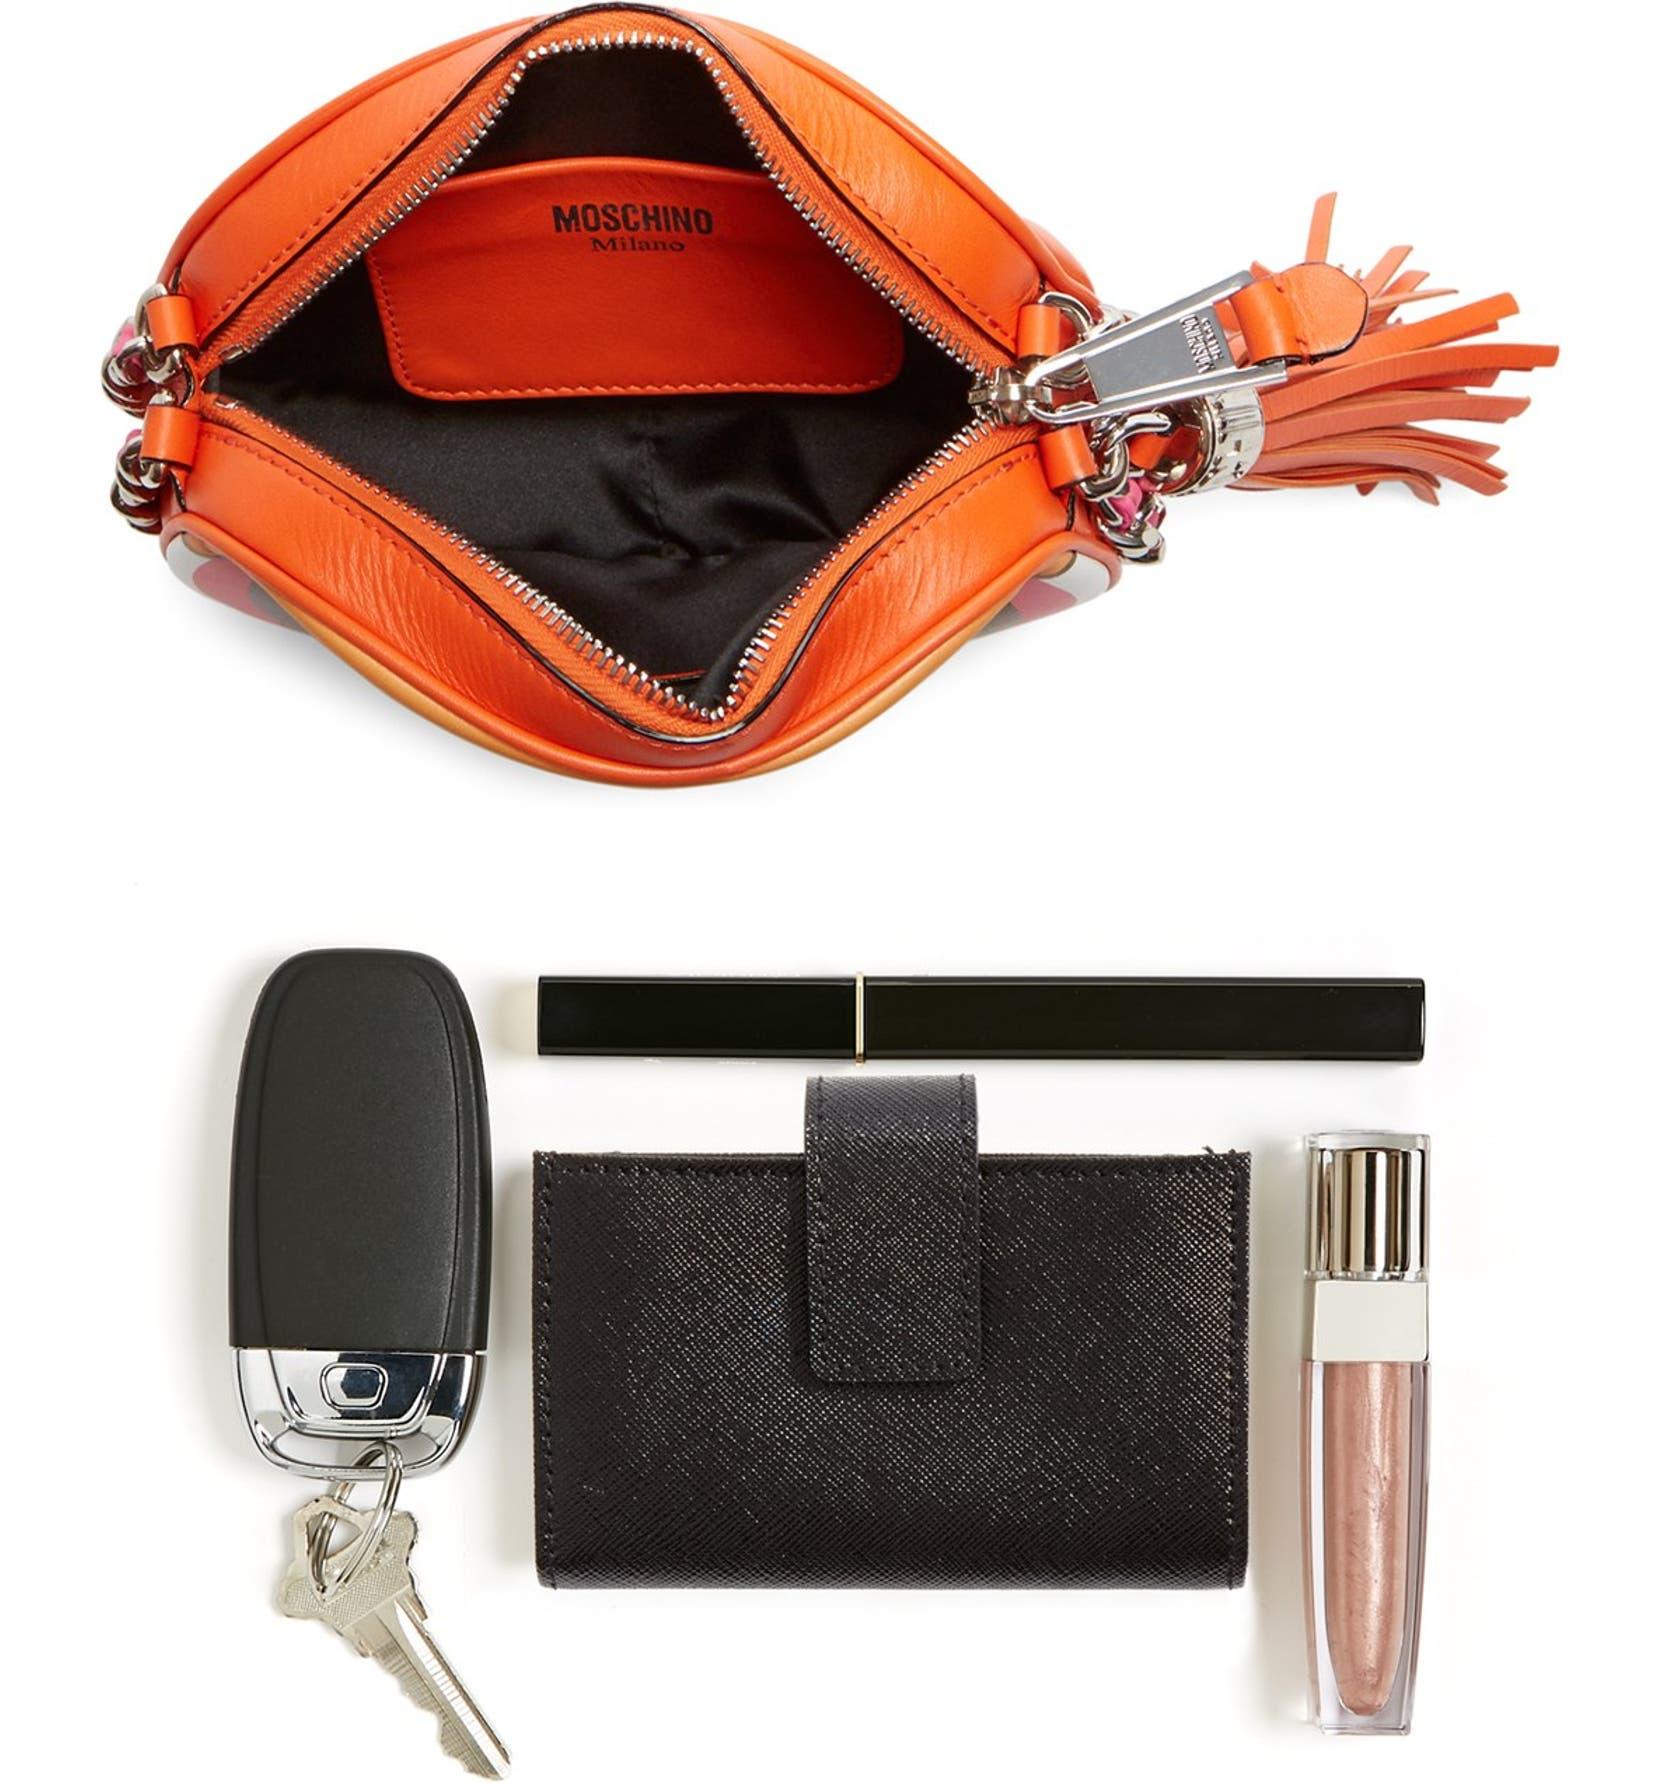 0fdb0bec7d Moschino 'The Powerpuff Girls® - Blossom' Canteen Crossbody Bag   Nordstrom